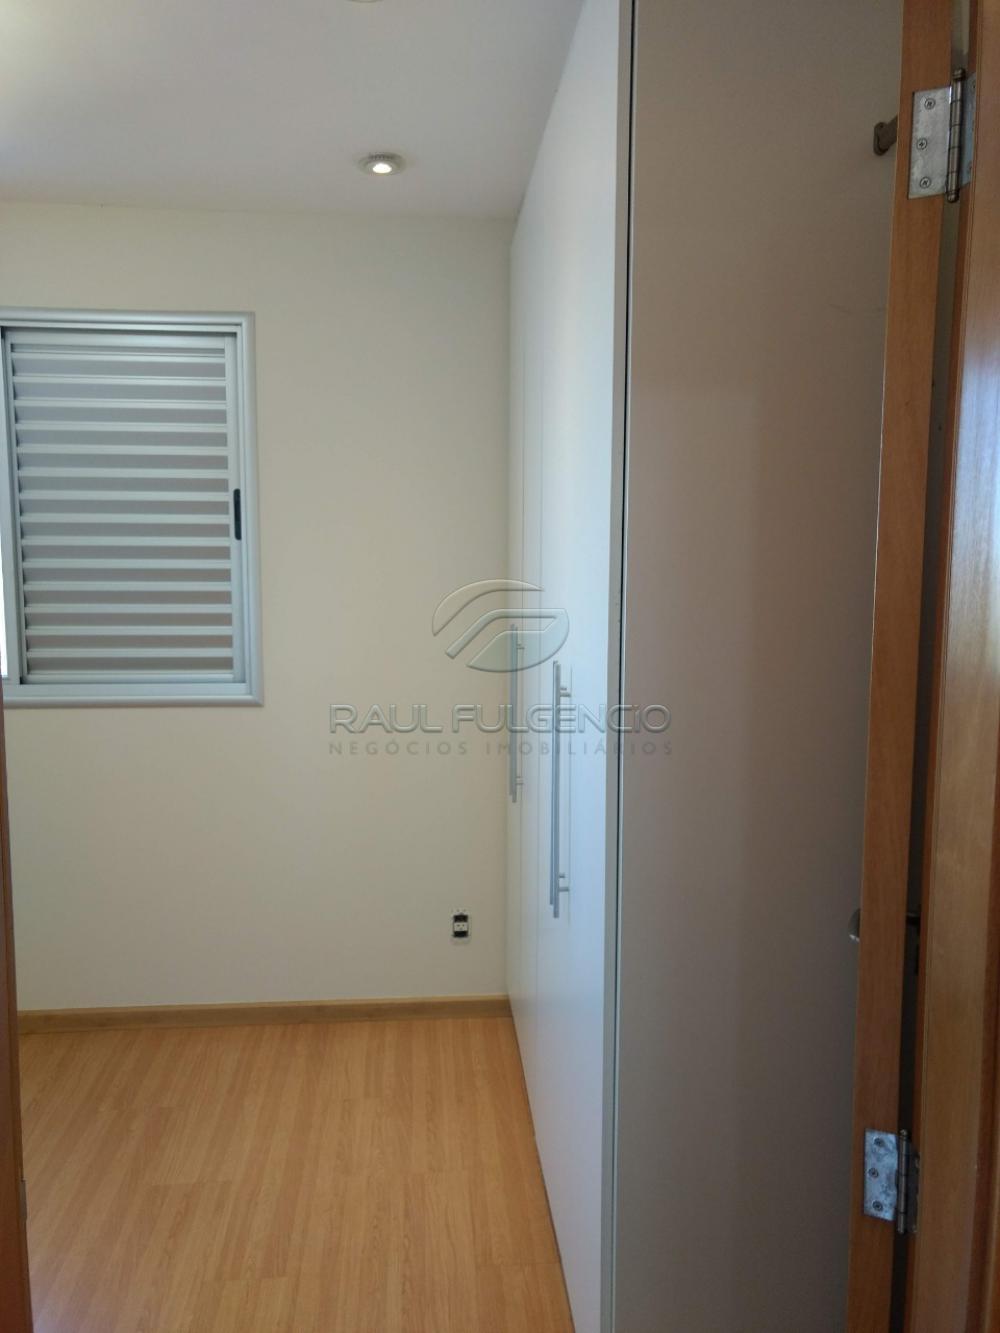 Comprar Apartamento / Padrão em Londrina apenas R$ 315.000,00 - Foto 10